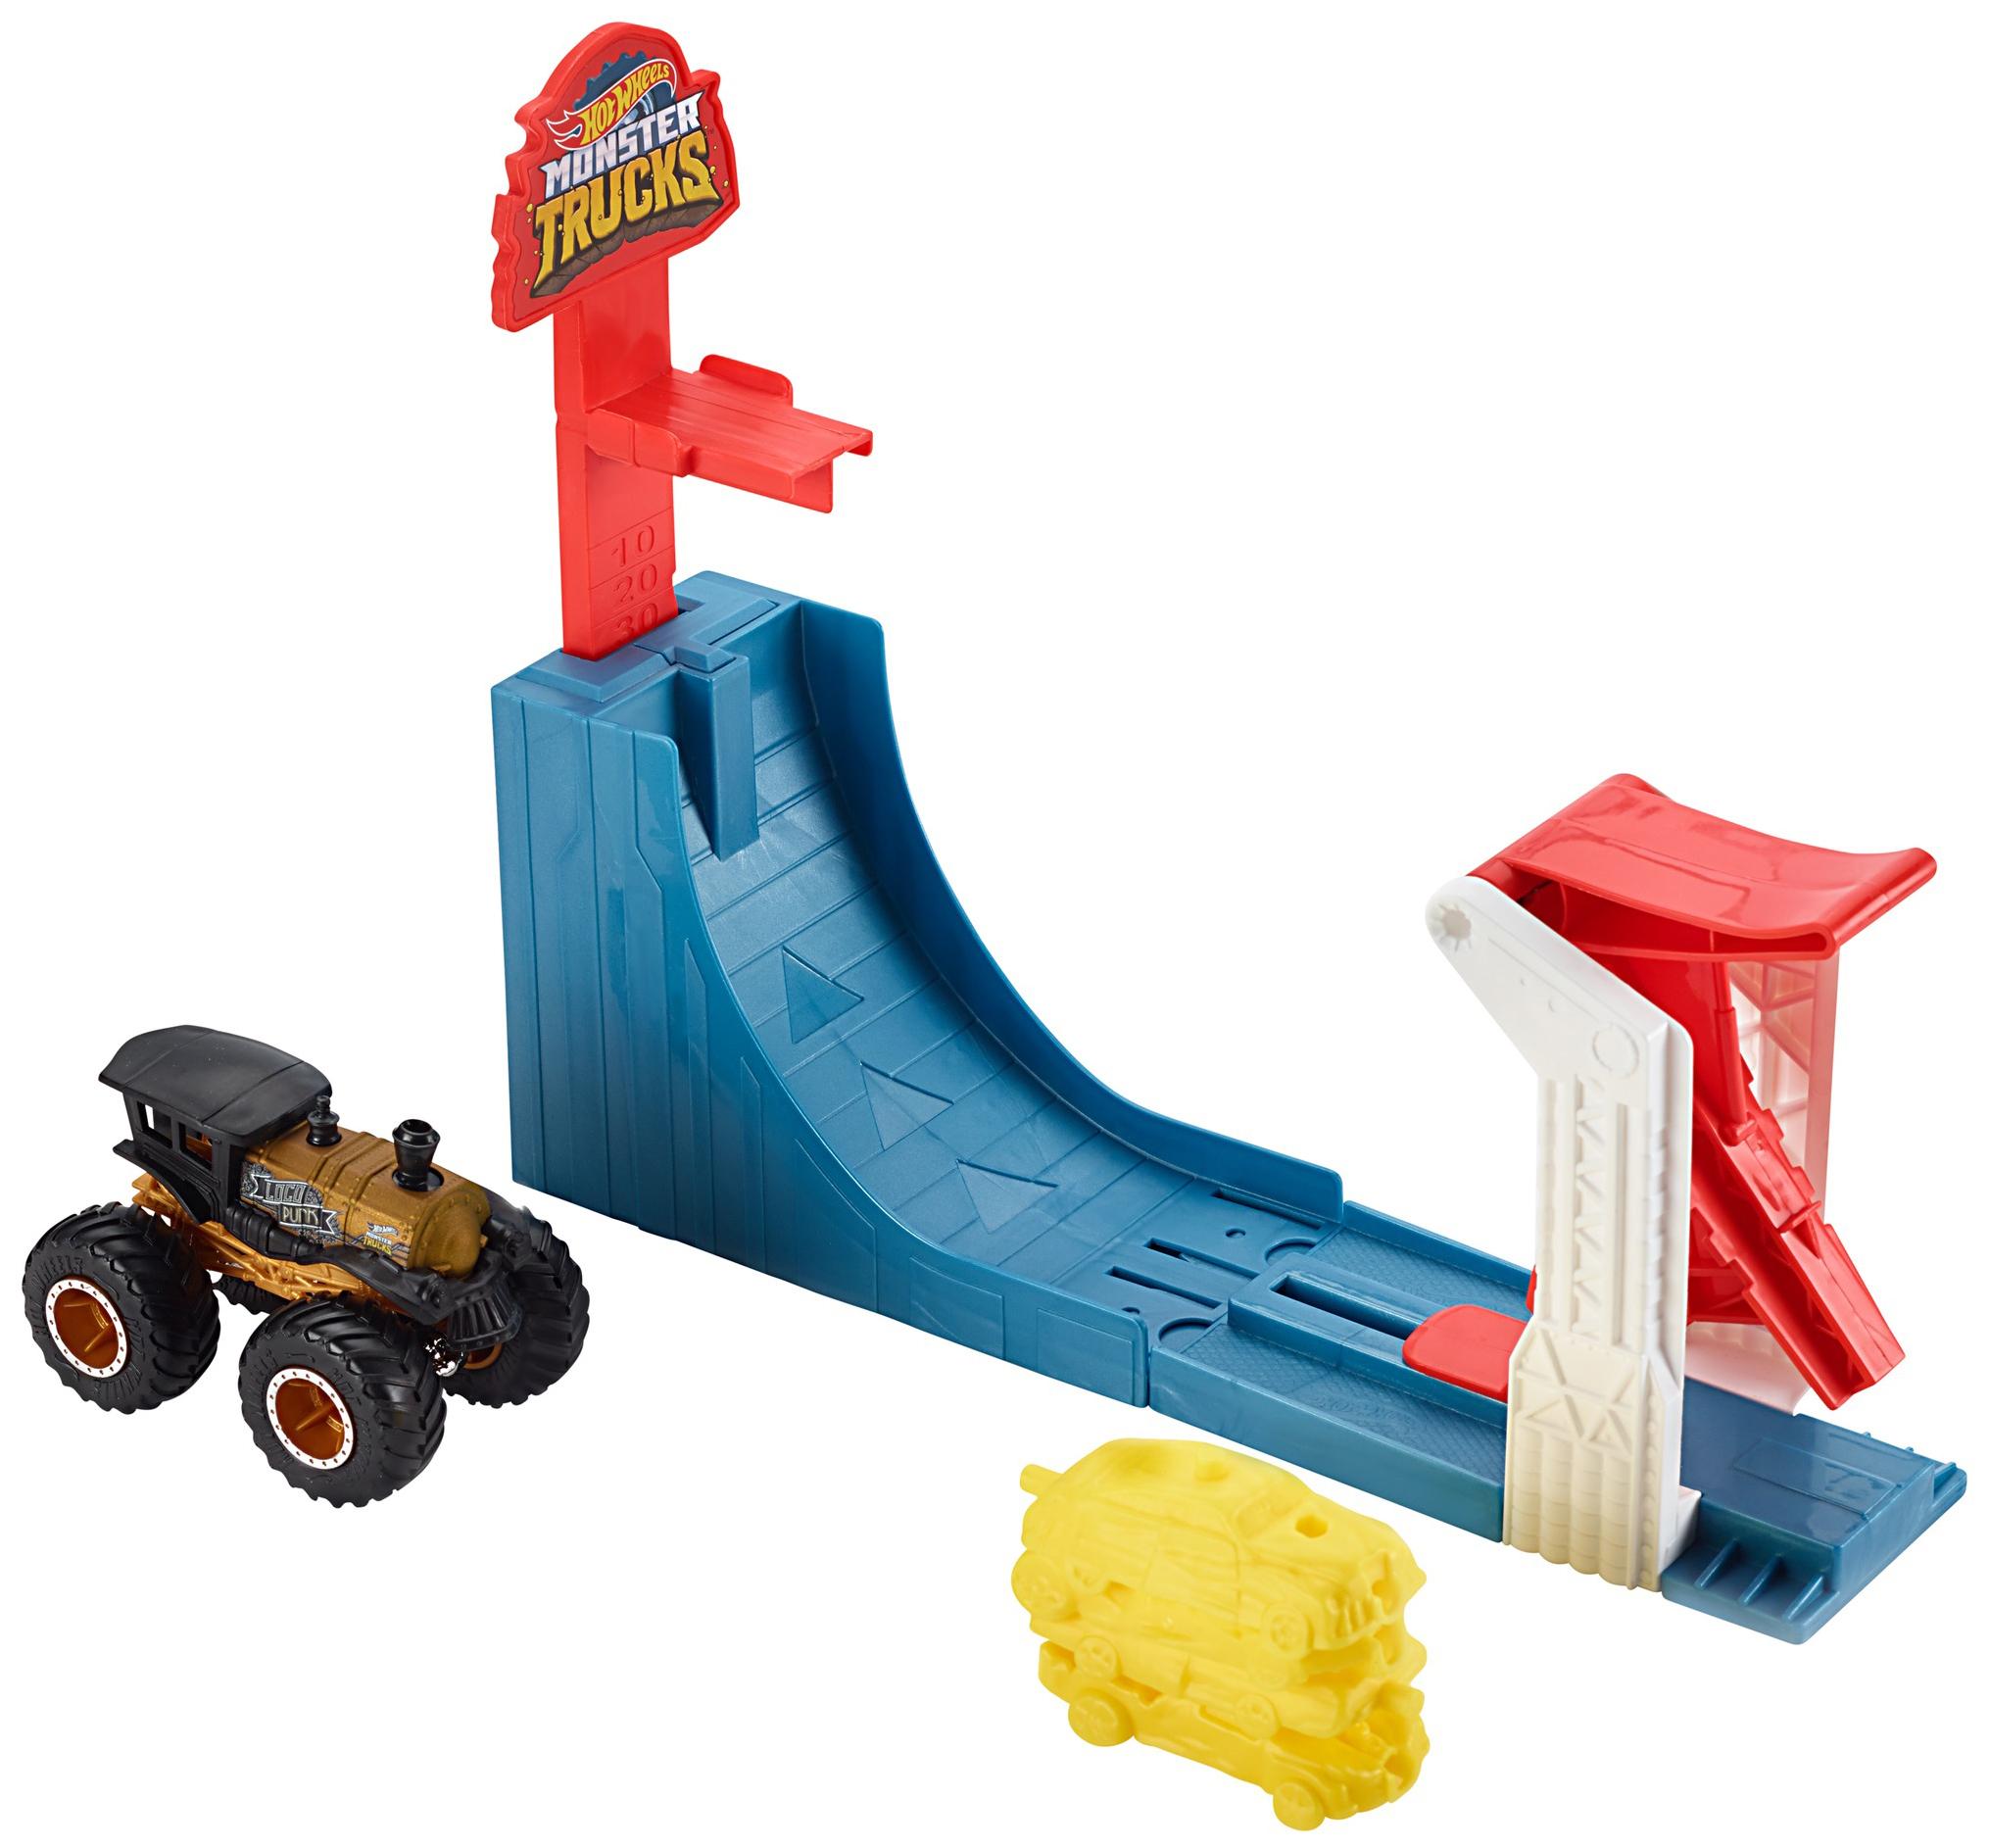 Купить Mattel Hot Wheels GCG00 Хот Вилс Игровой набор Монстр трак Поединок в воздухе, Наборы игрушечного транспорта